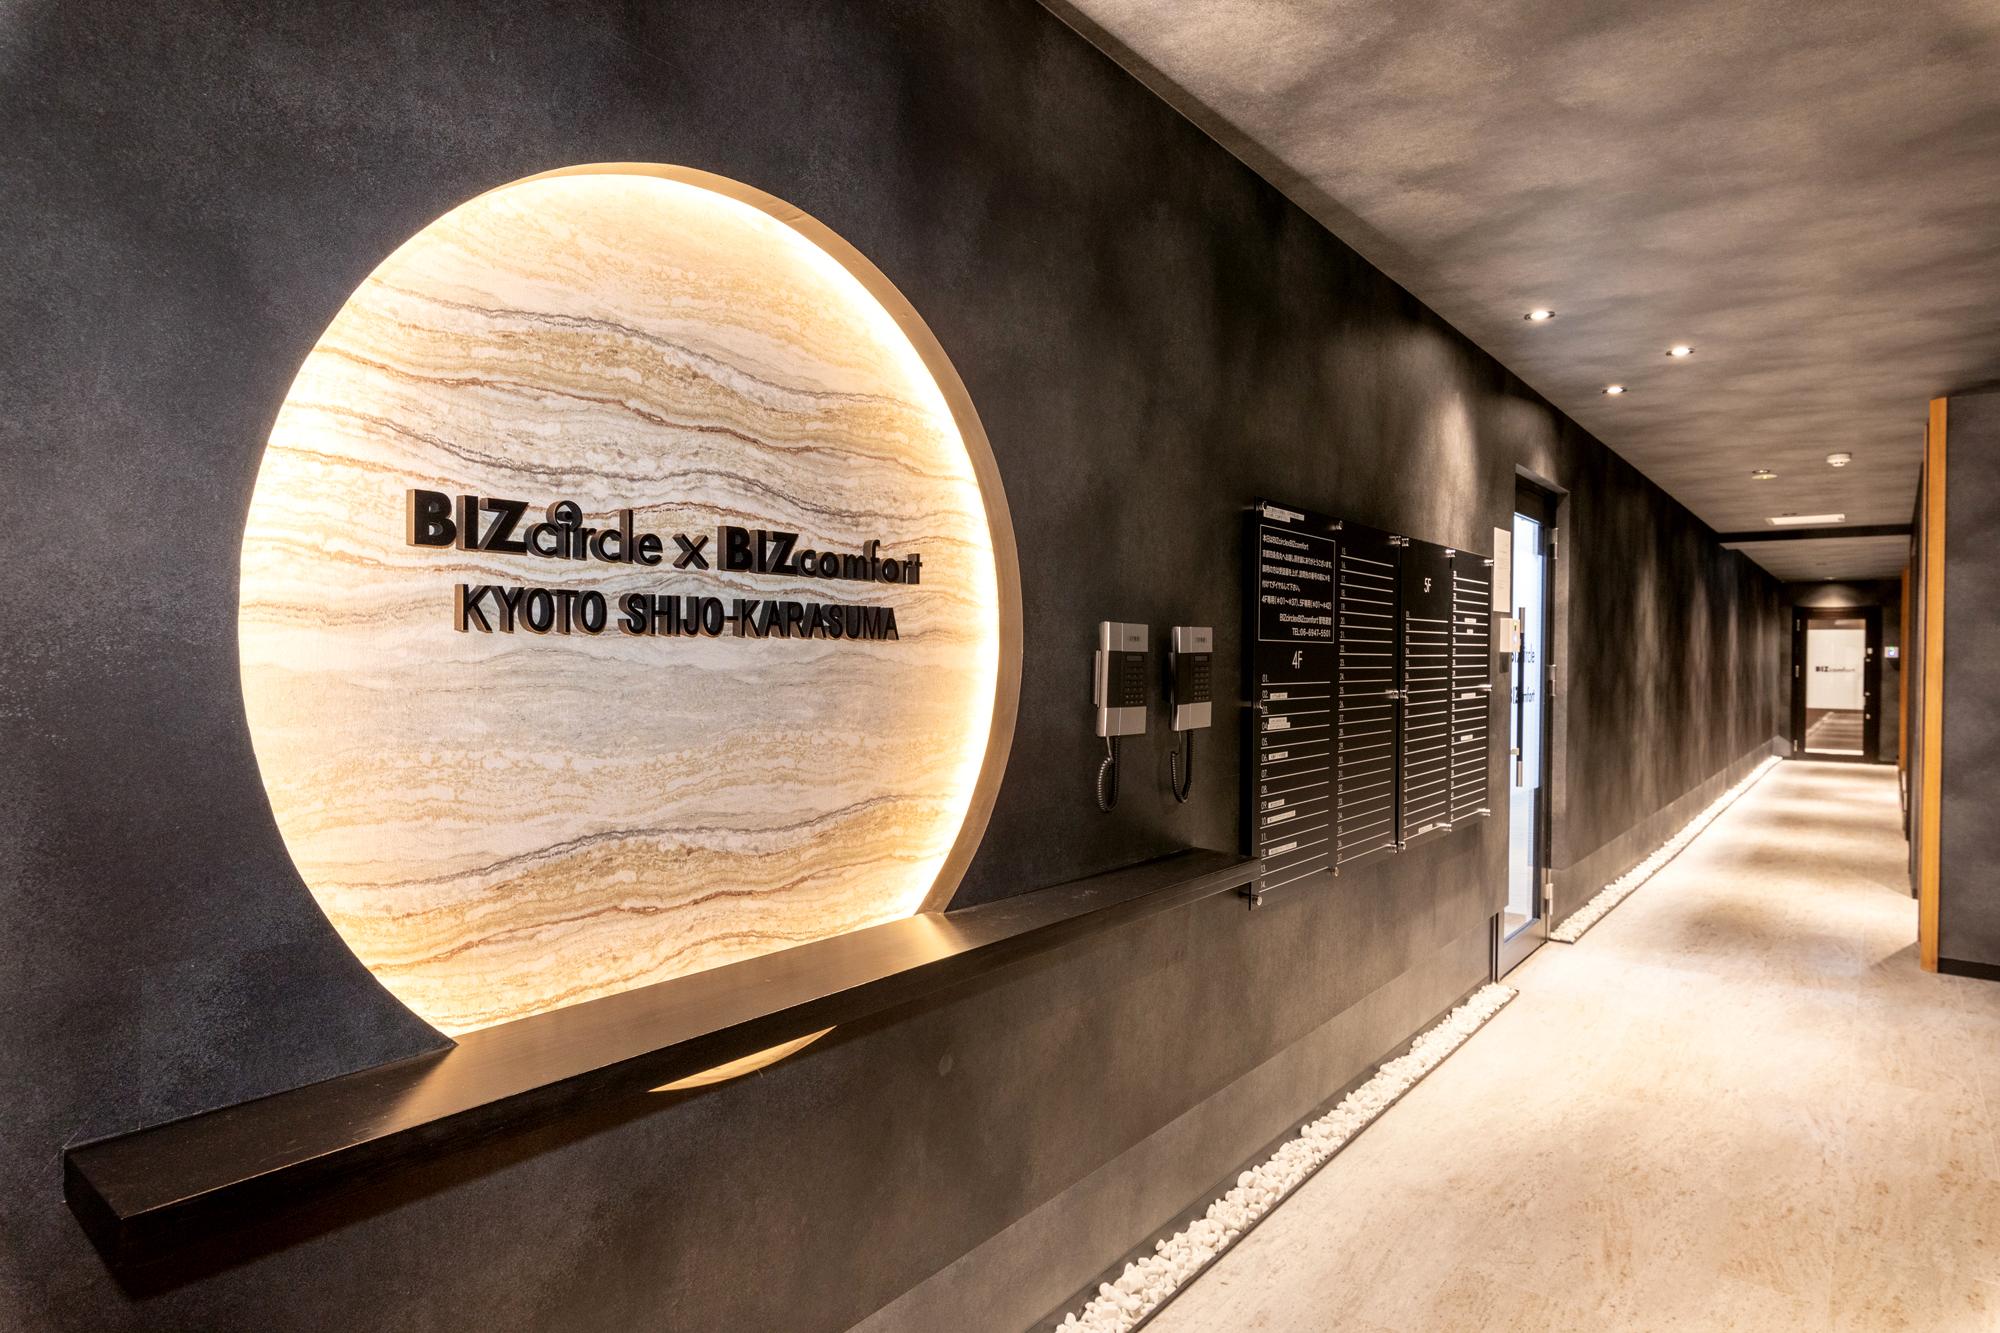 阪急烏丸駅 徒歩4分、コンシェルジュ対応・個室型レンタルオフィス+コワーキングスペース併設の複合型オフィス